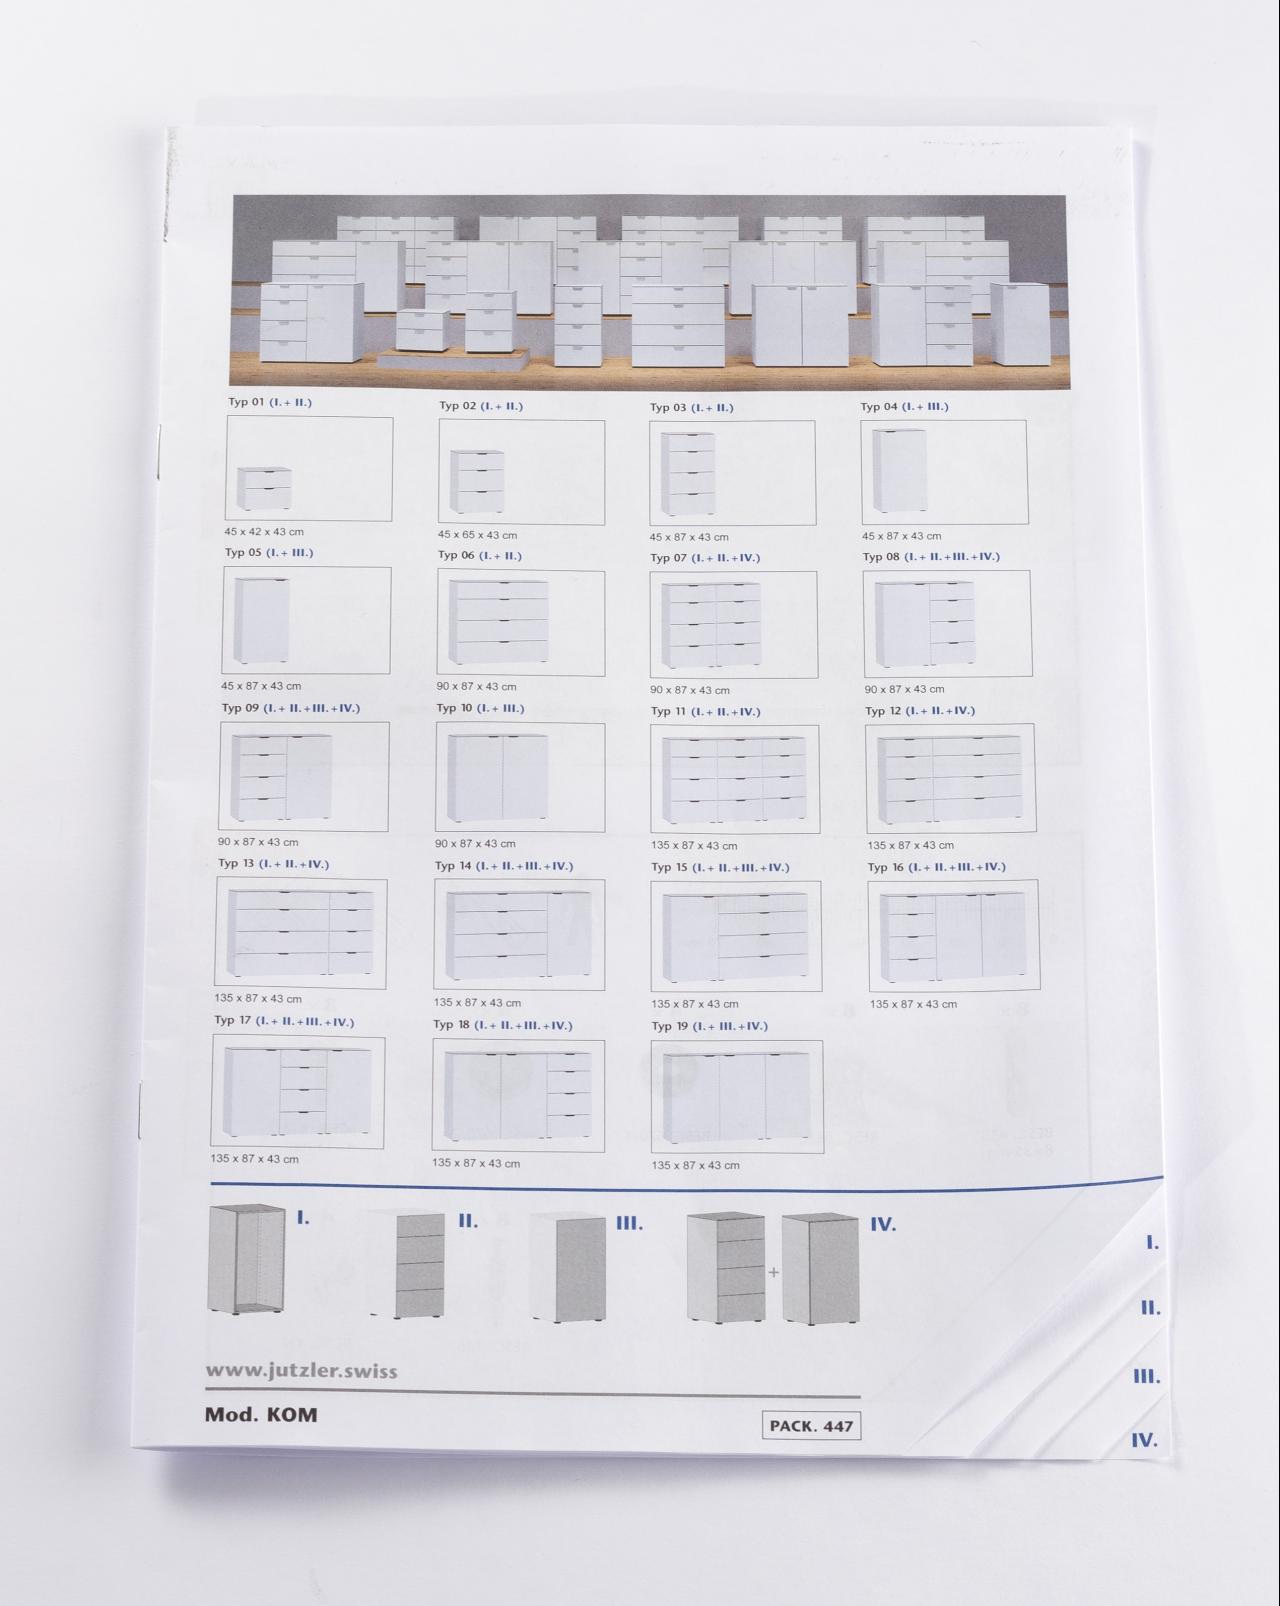 Tanner Druck AG, Montageanleitung mit Register Jutzler